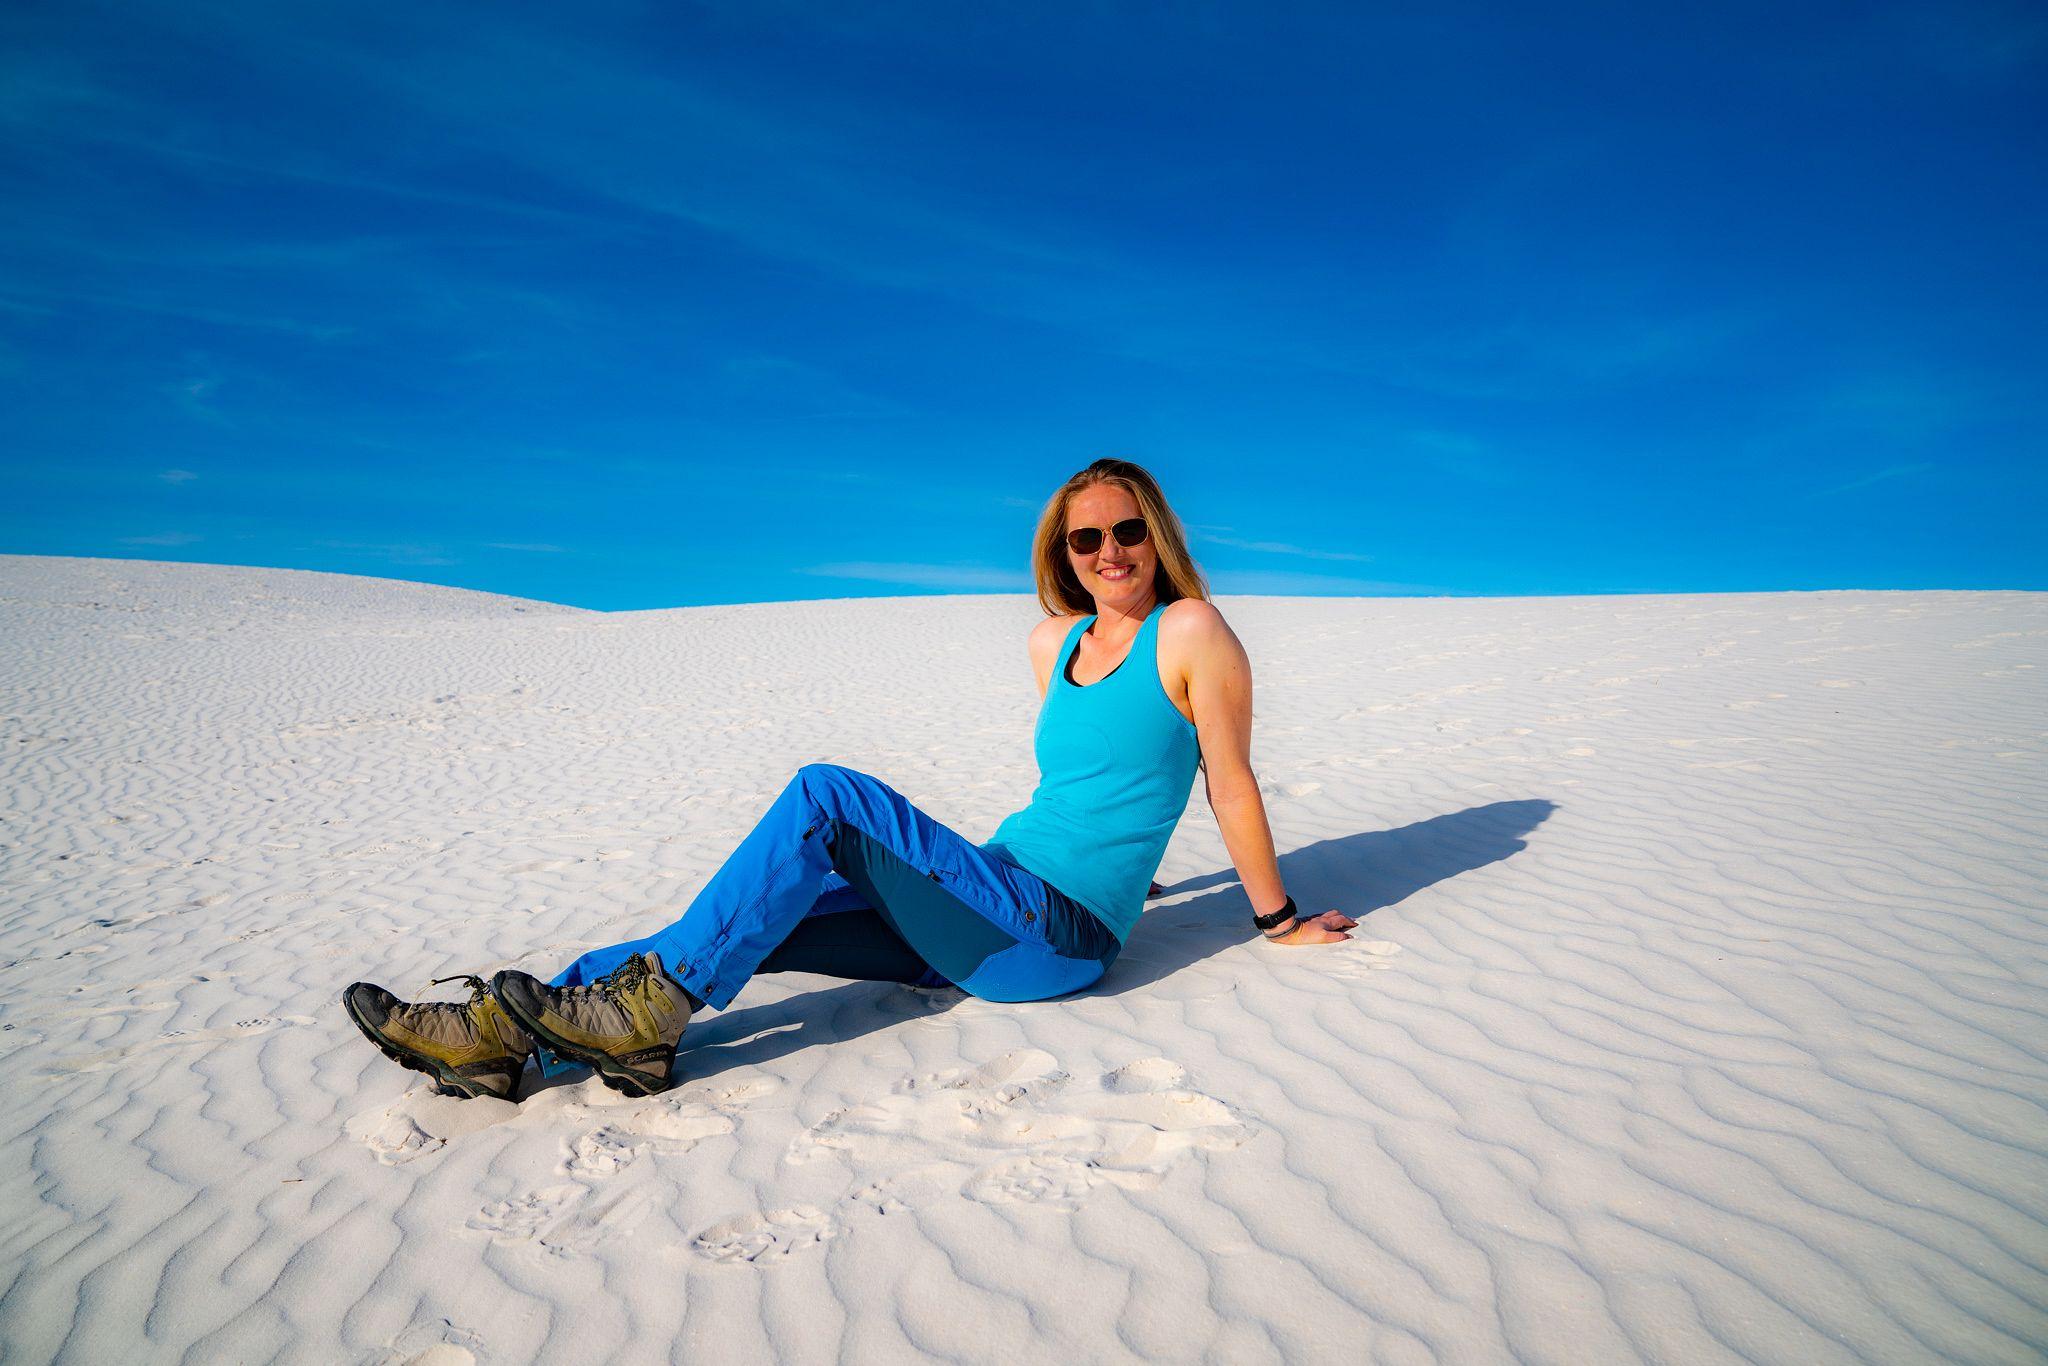 Sledding in the Dunes